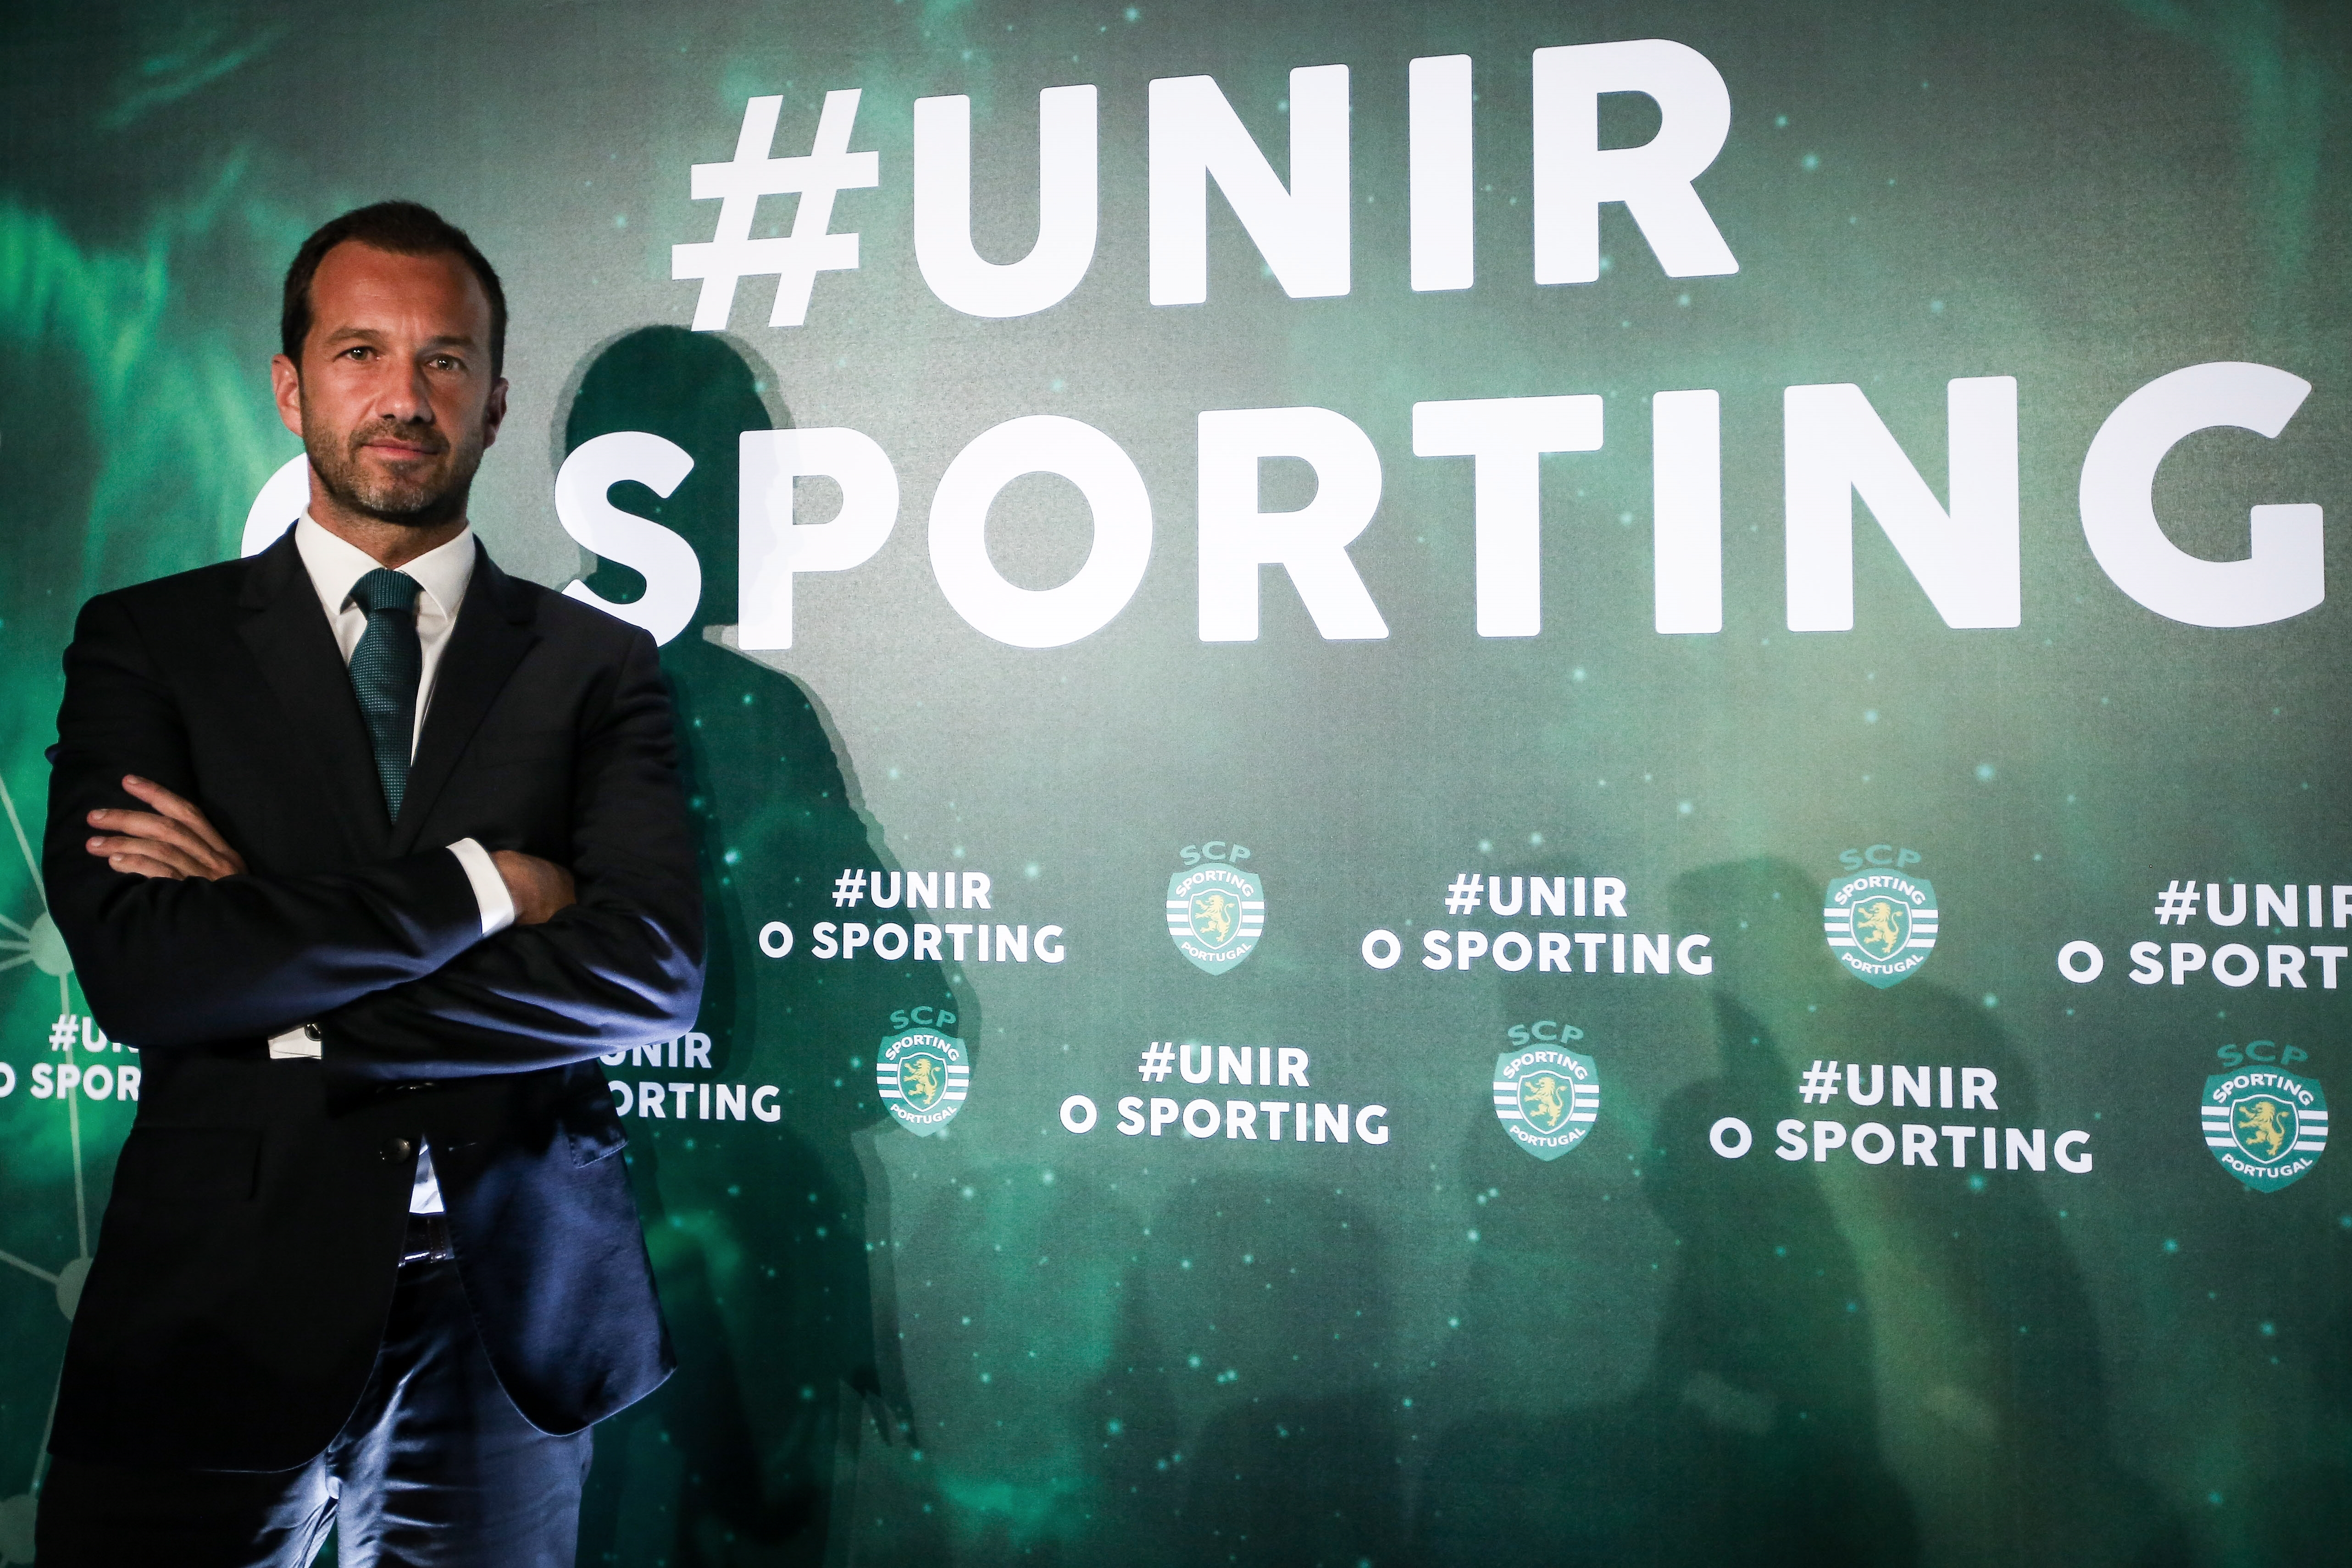 a32a5cade611 Frederico Varandas é o novo presidente do Sporting e promete título de  campeão nacional